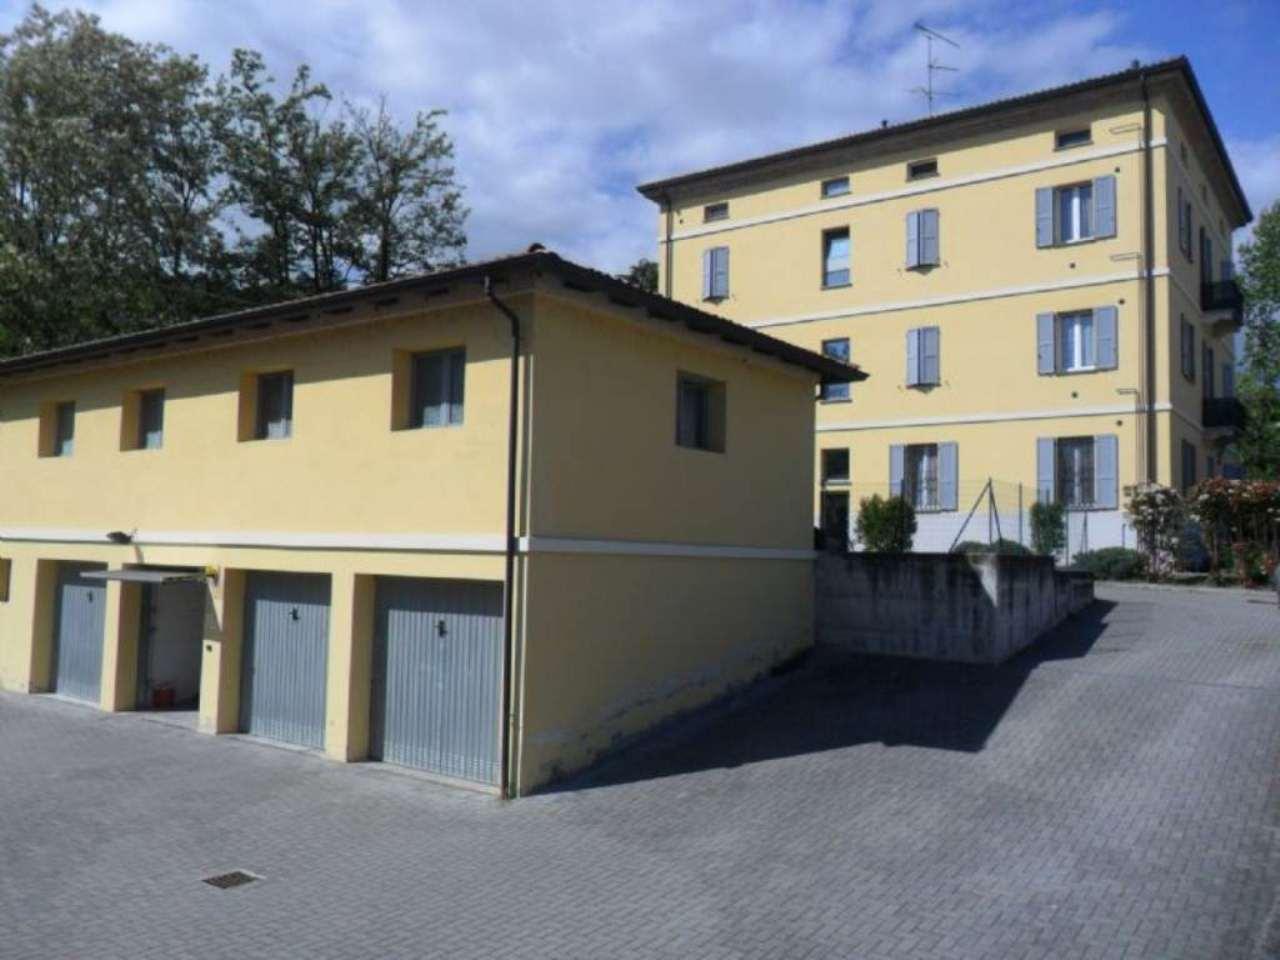 Appartamento in vendita a Medesano, 3 locali, prezzo € 75.000 | Cambio Casa.it